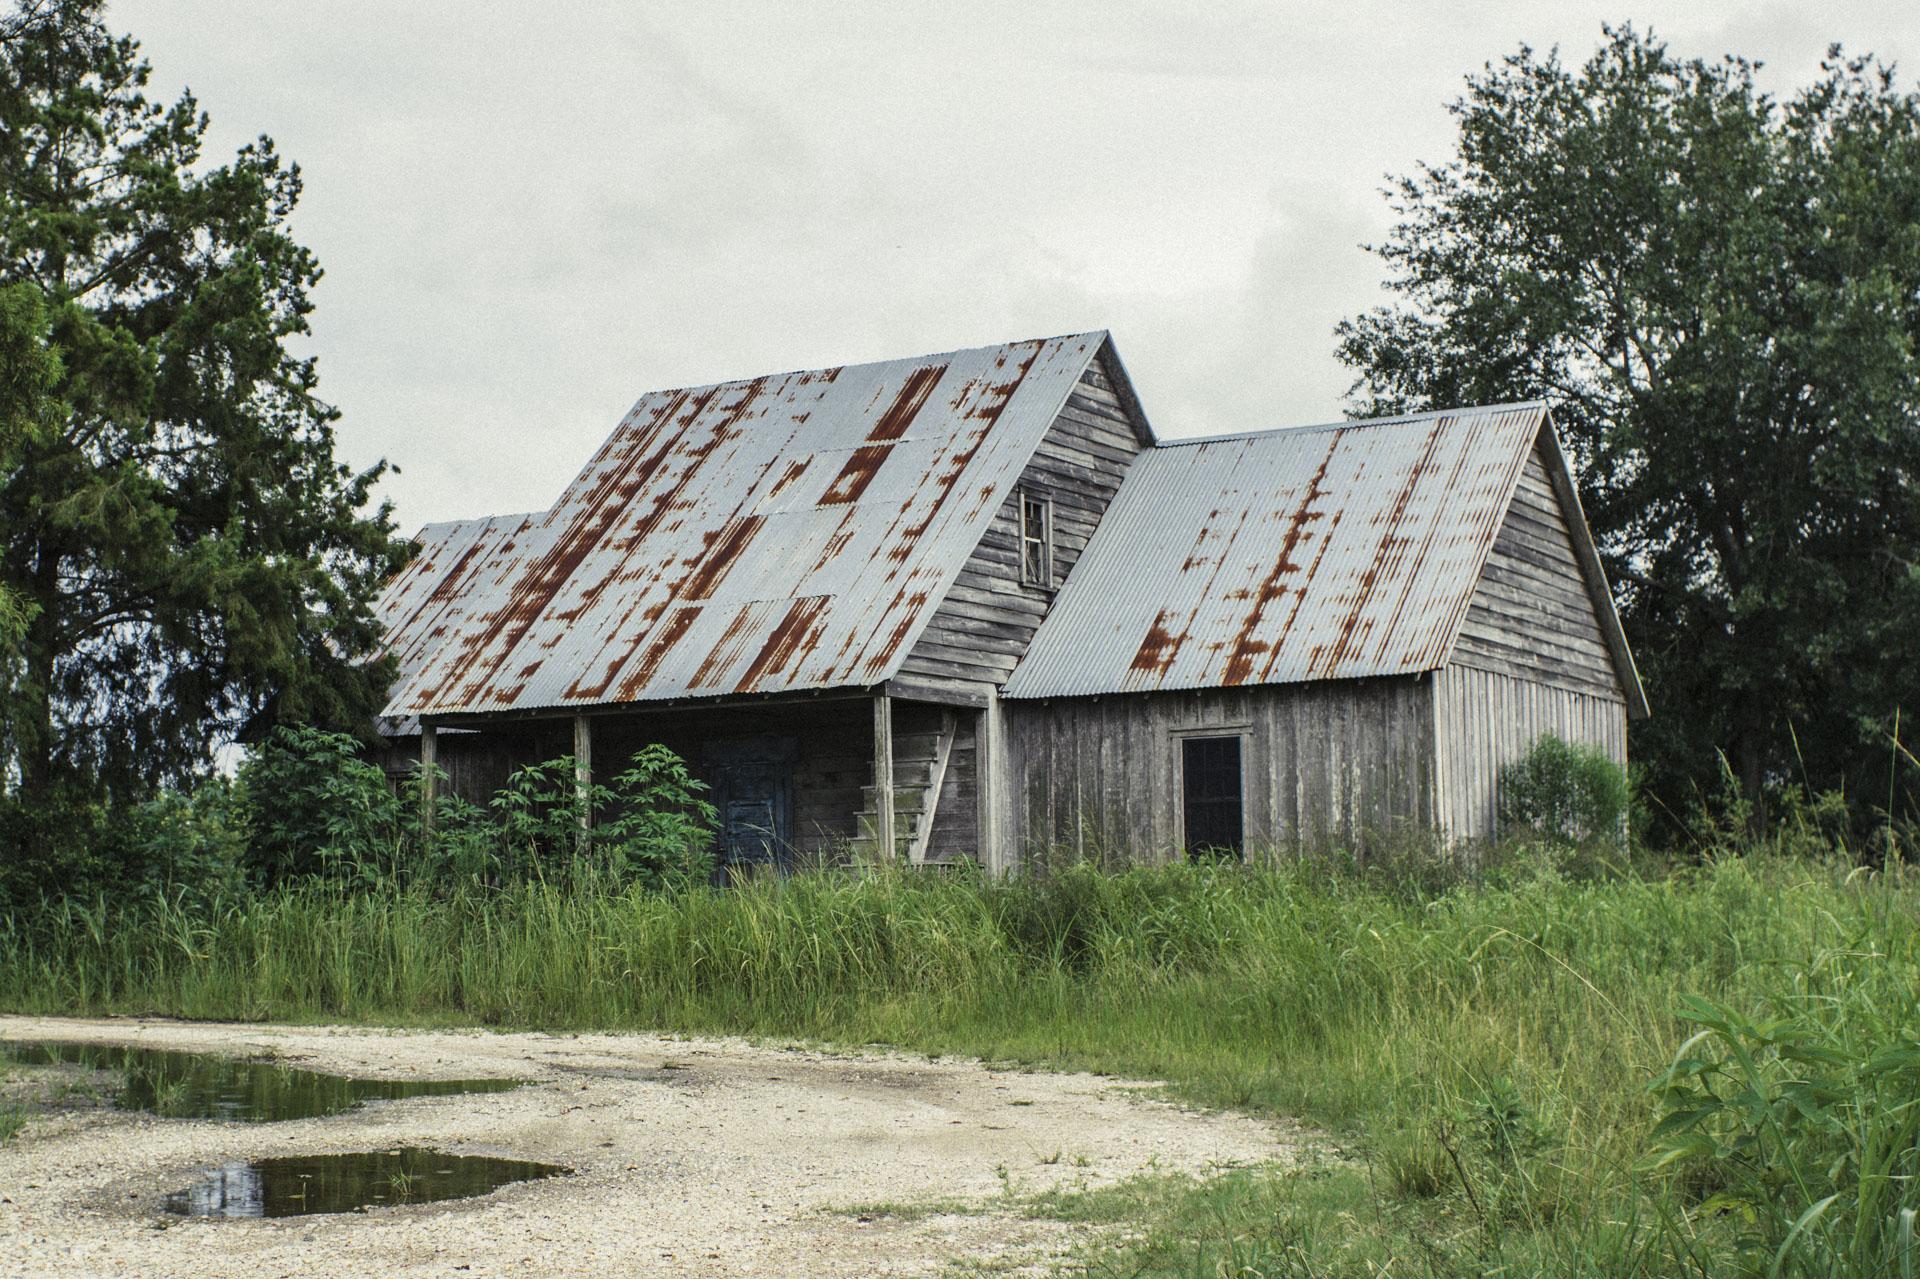 Louisiana_FinalDSC02687.JPG